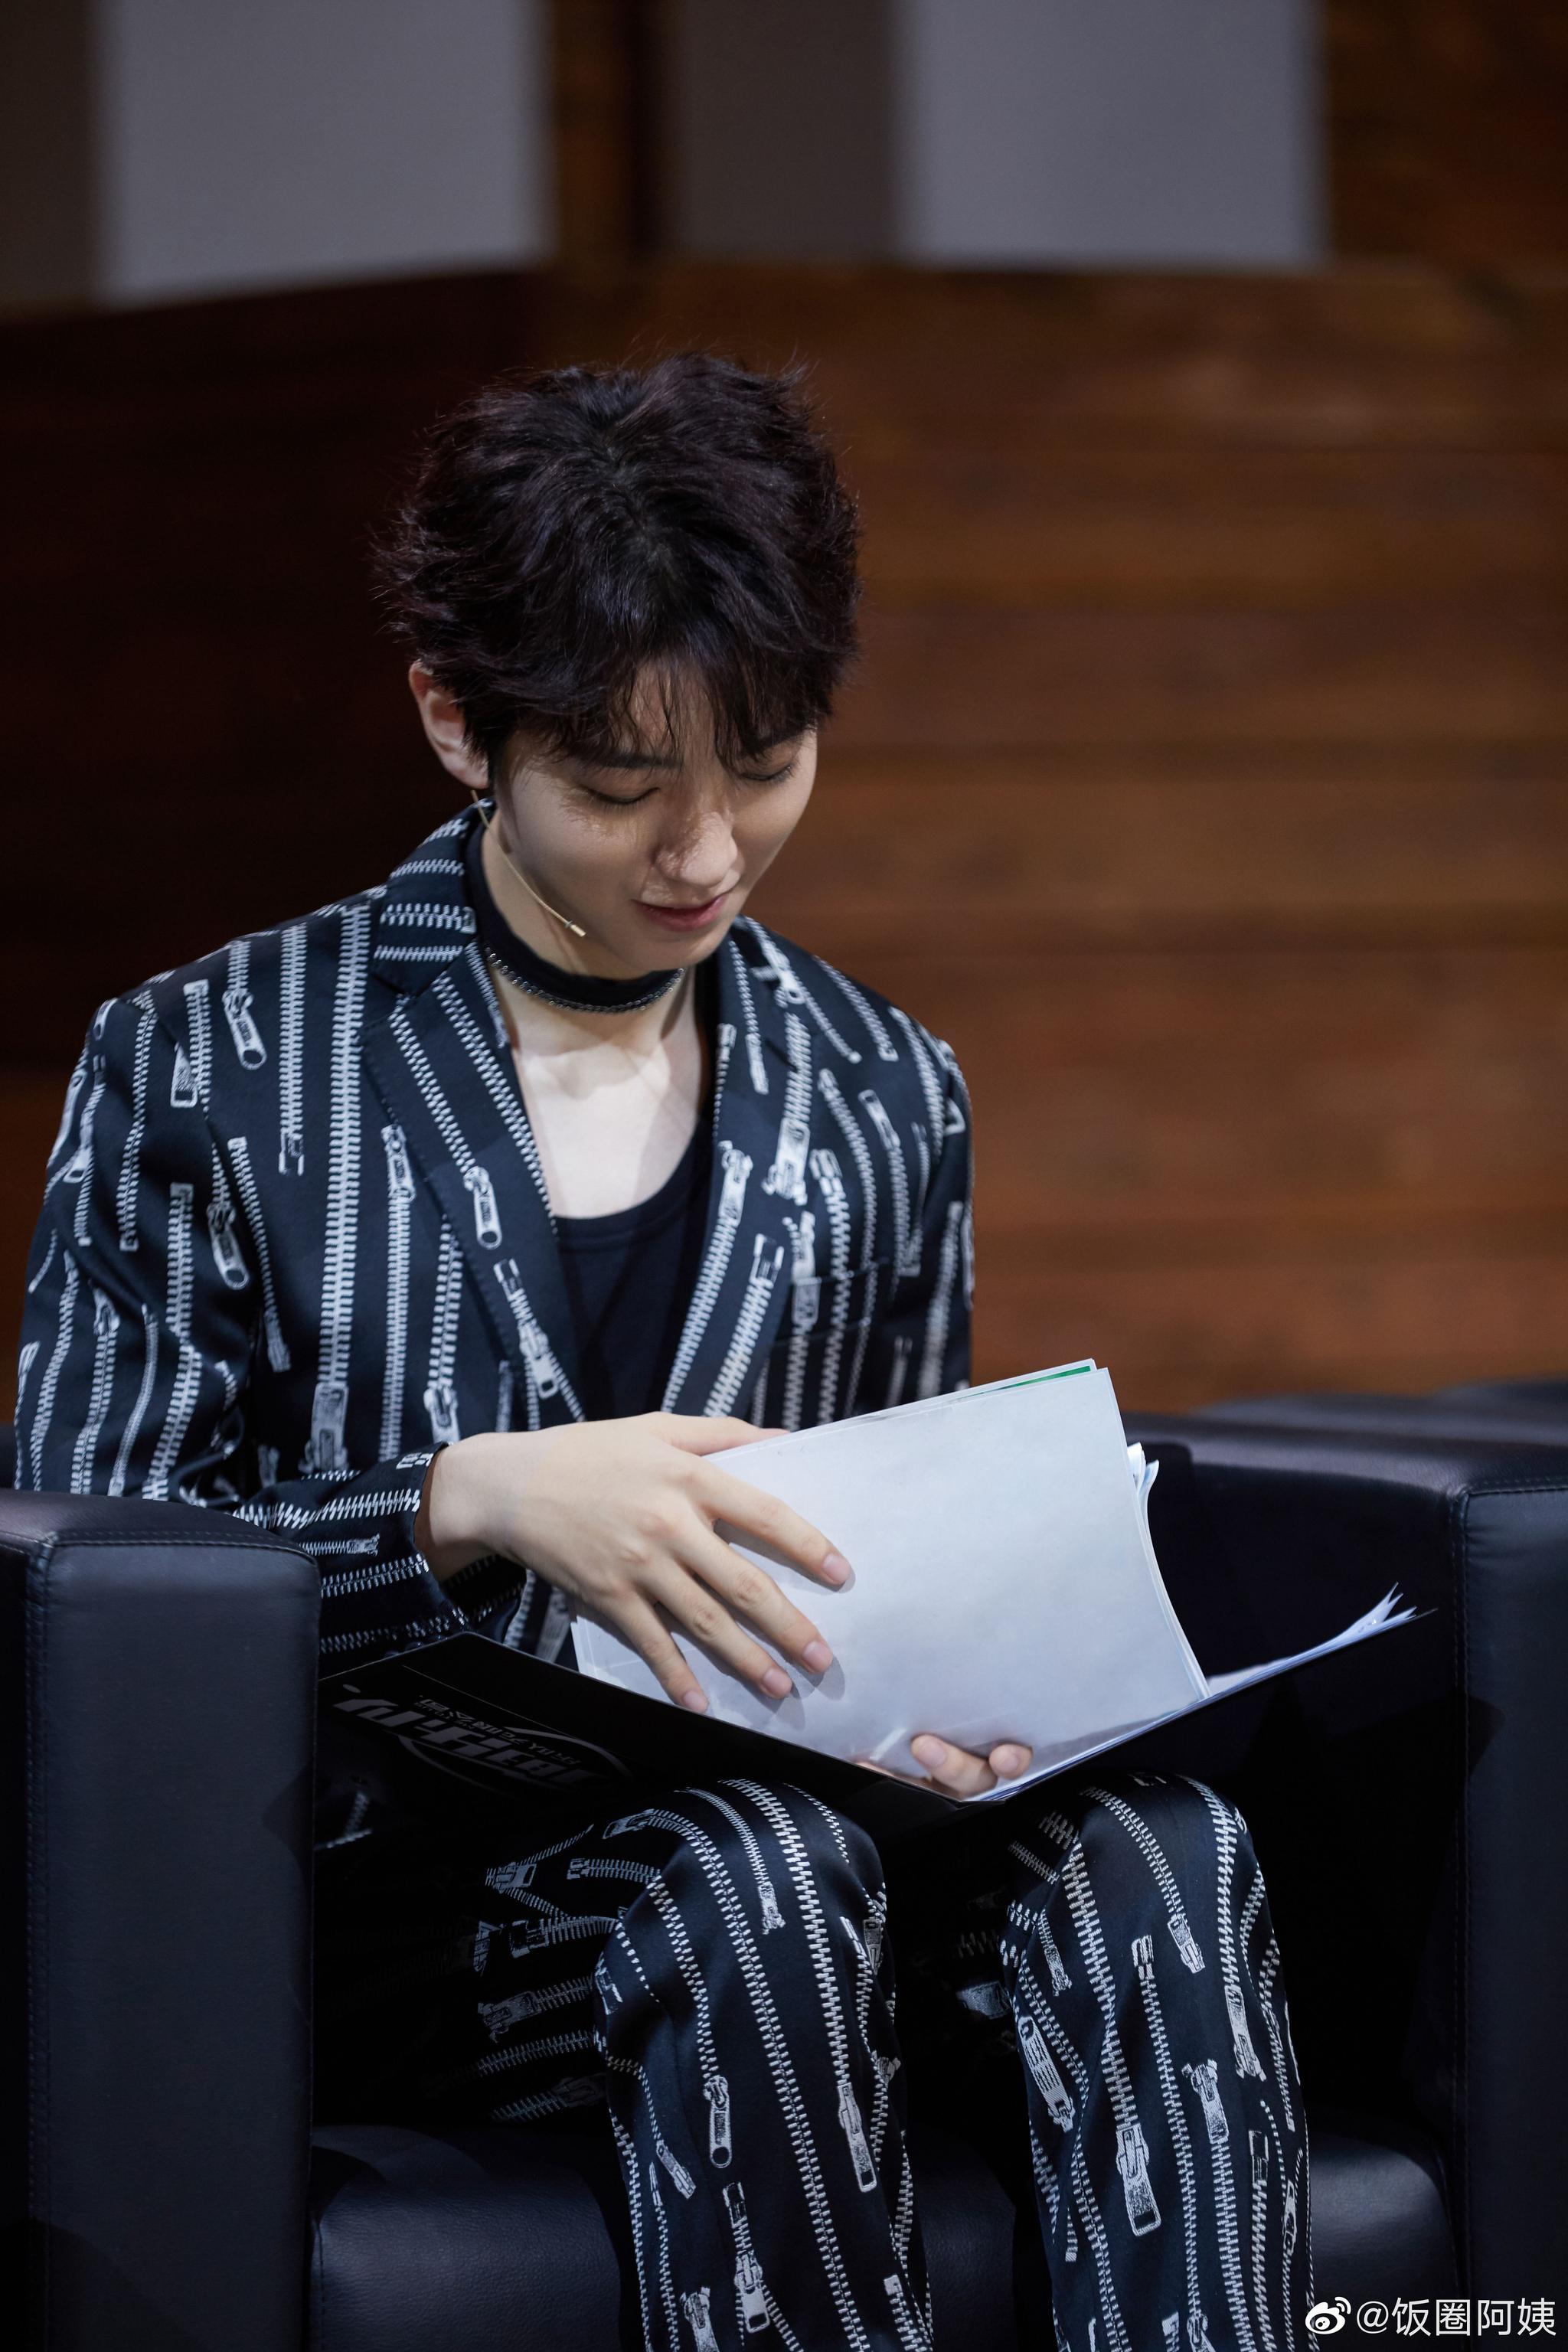 王俊凯《我们的乐队》choker黑西装太惊艳了!个性潇洒,酷感十足